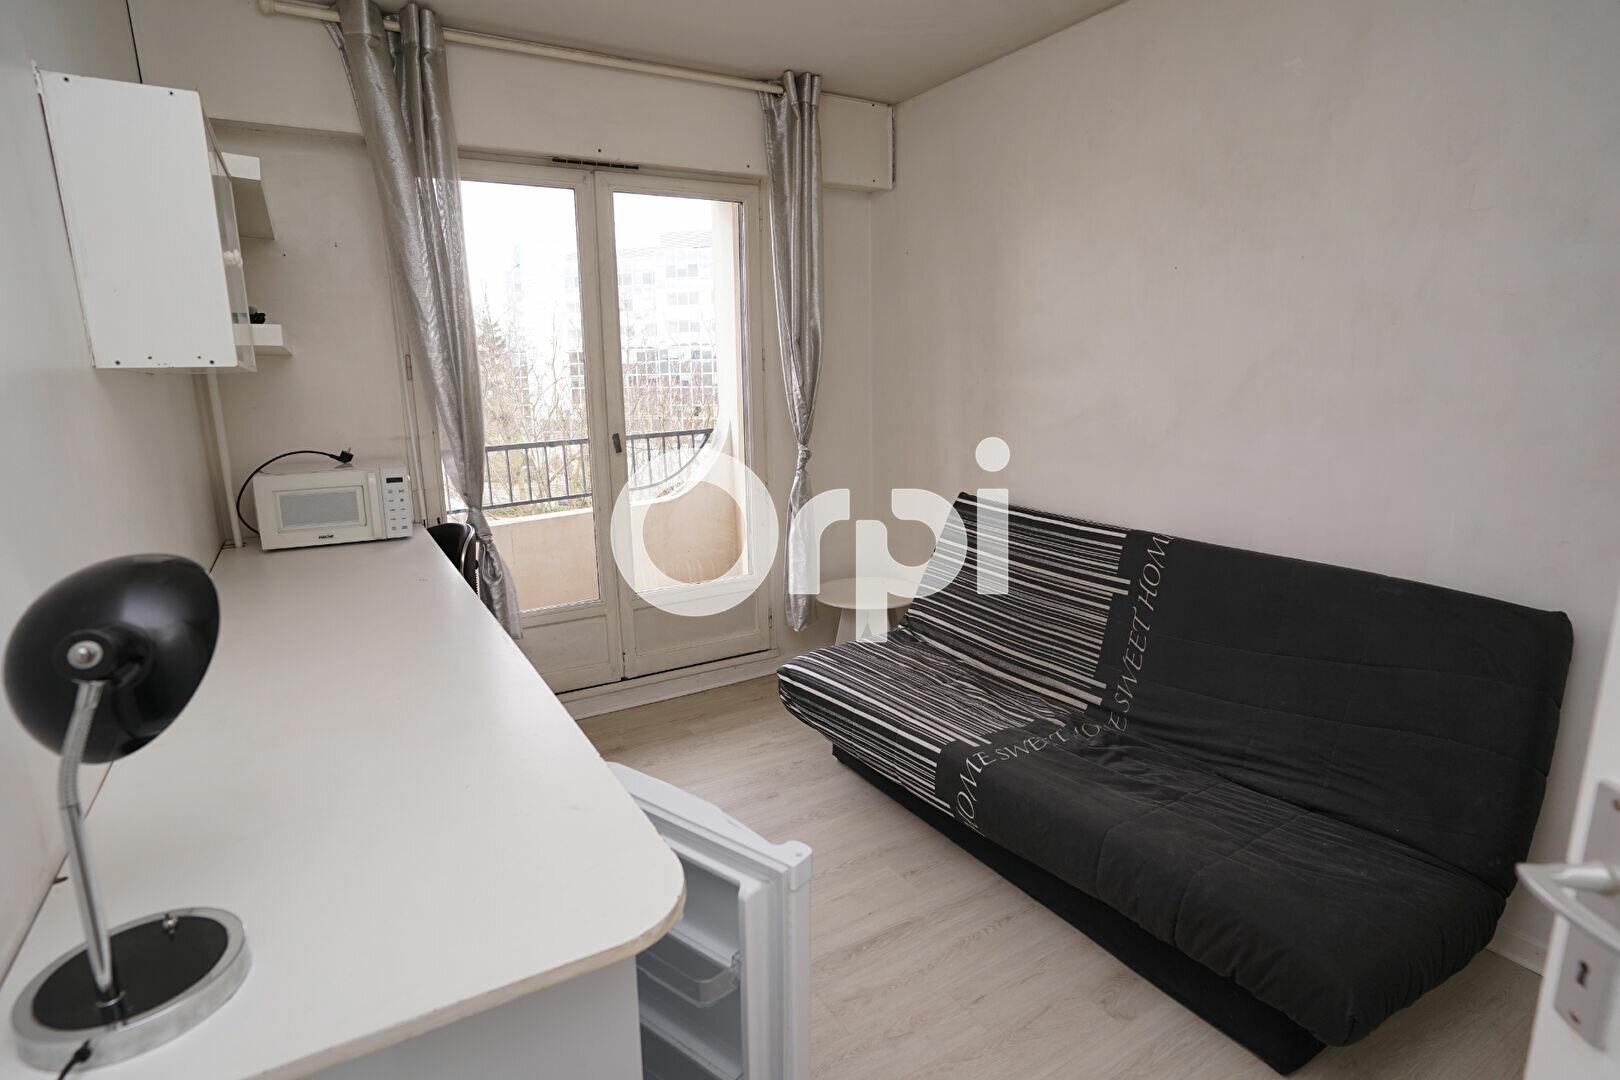 Appartement à louer 1 13.15m2 à Cergy vignette-1